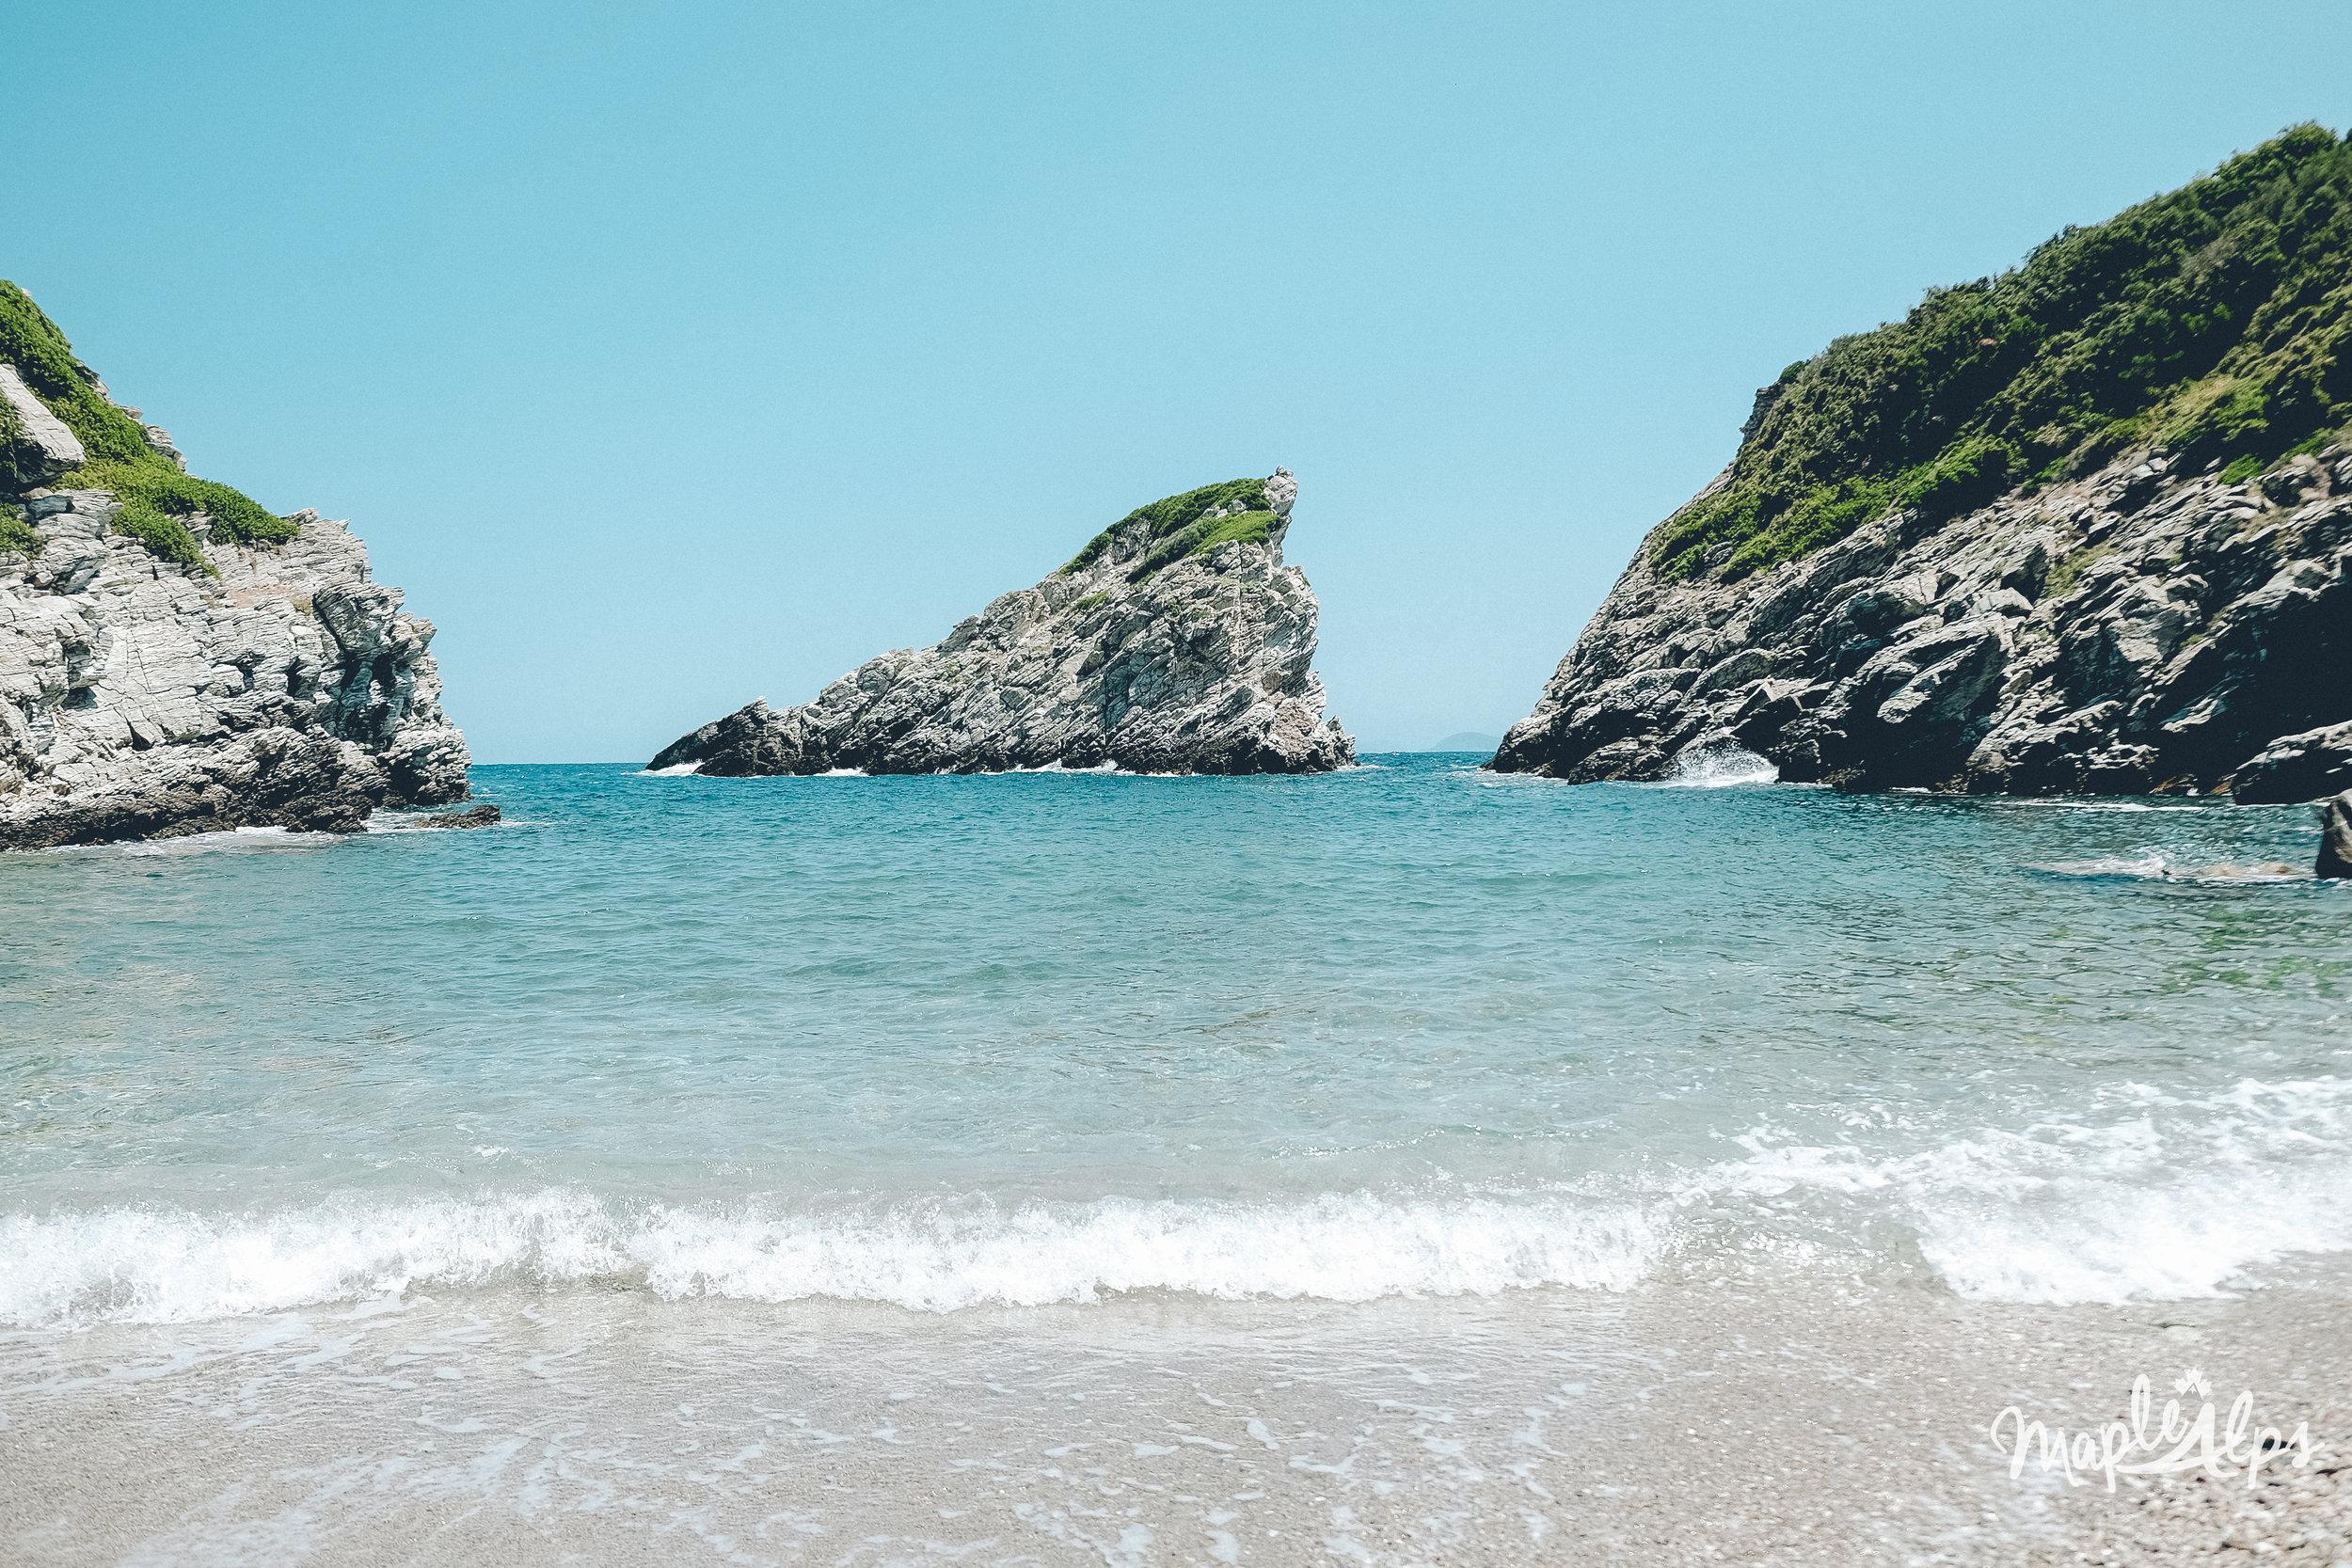 mama mia and a private beach | www.maplealps.com